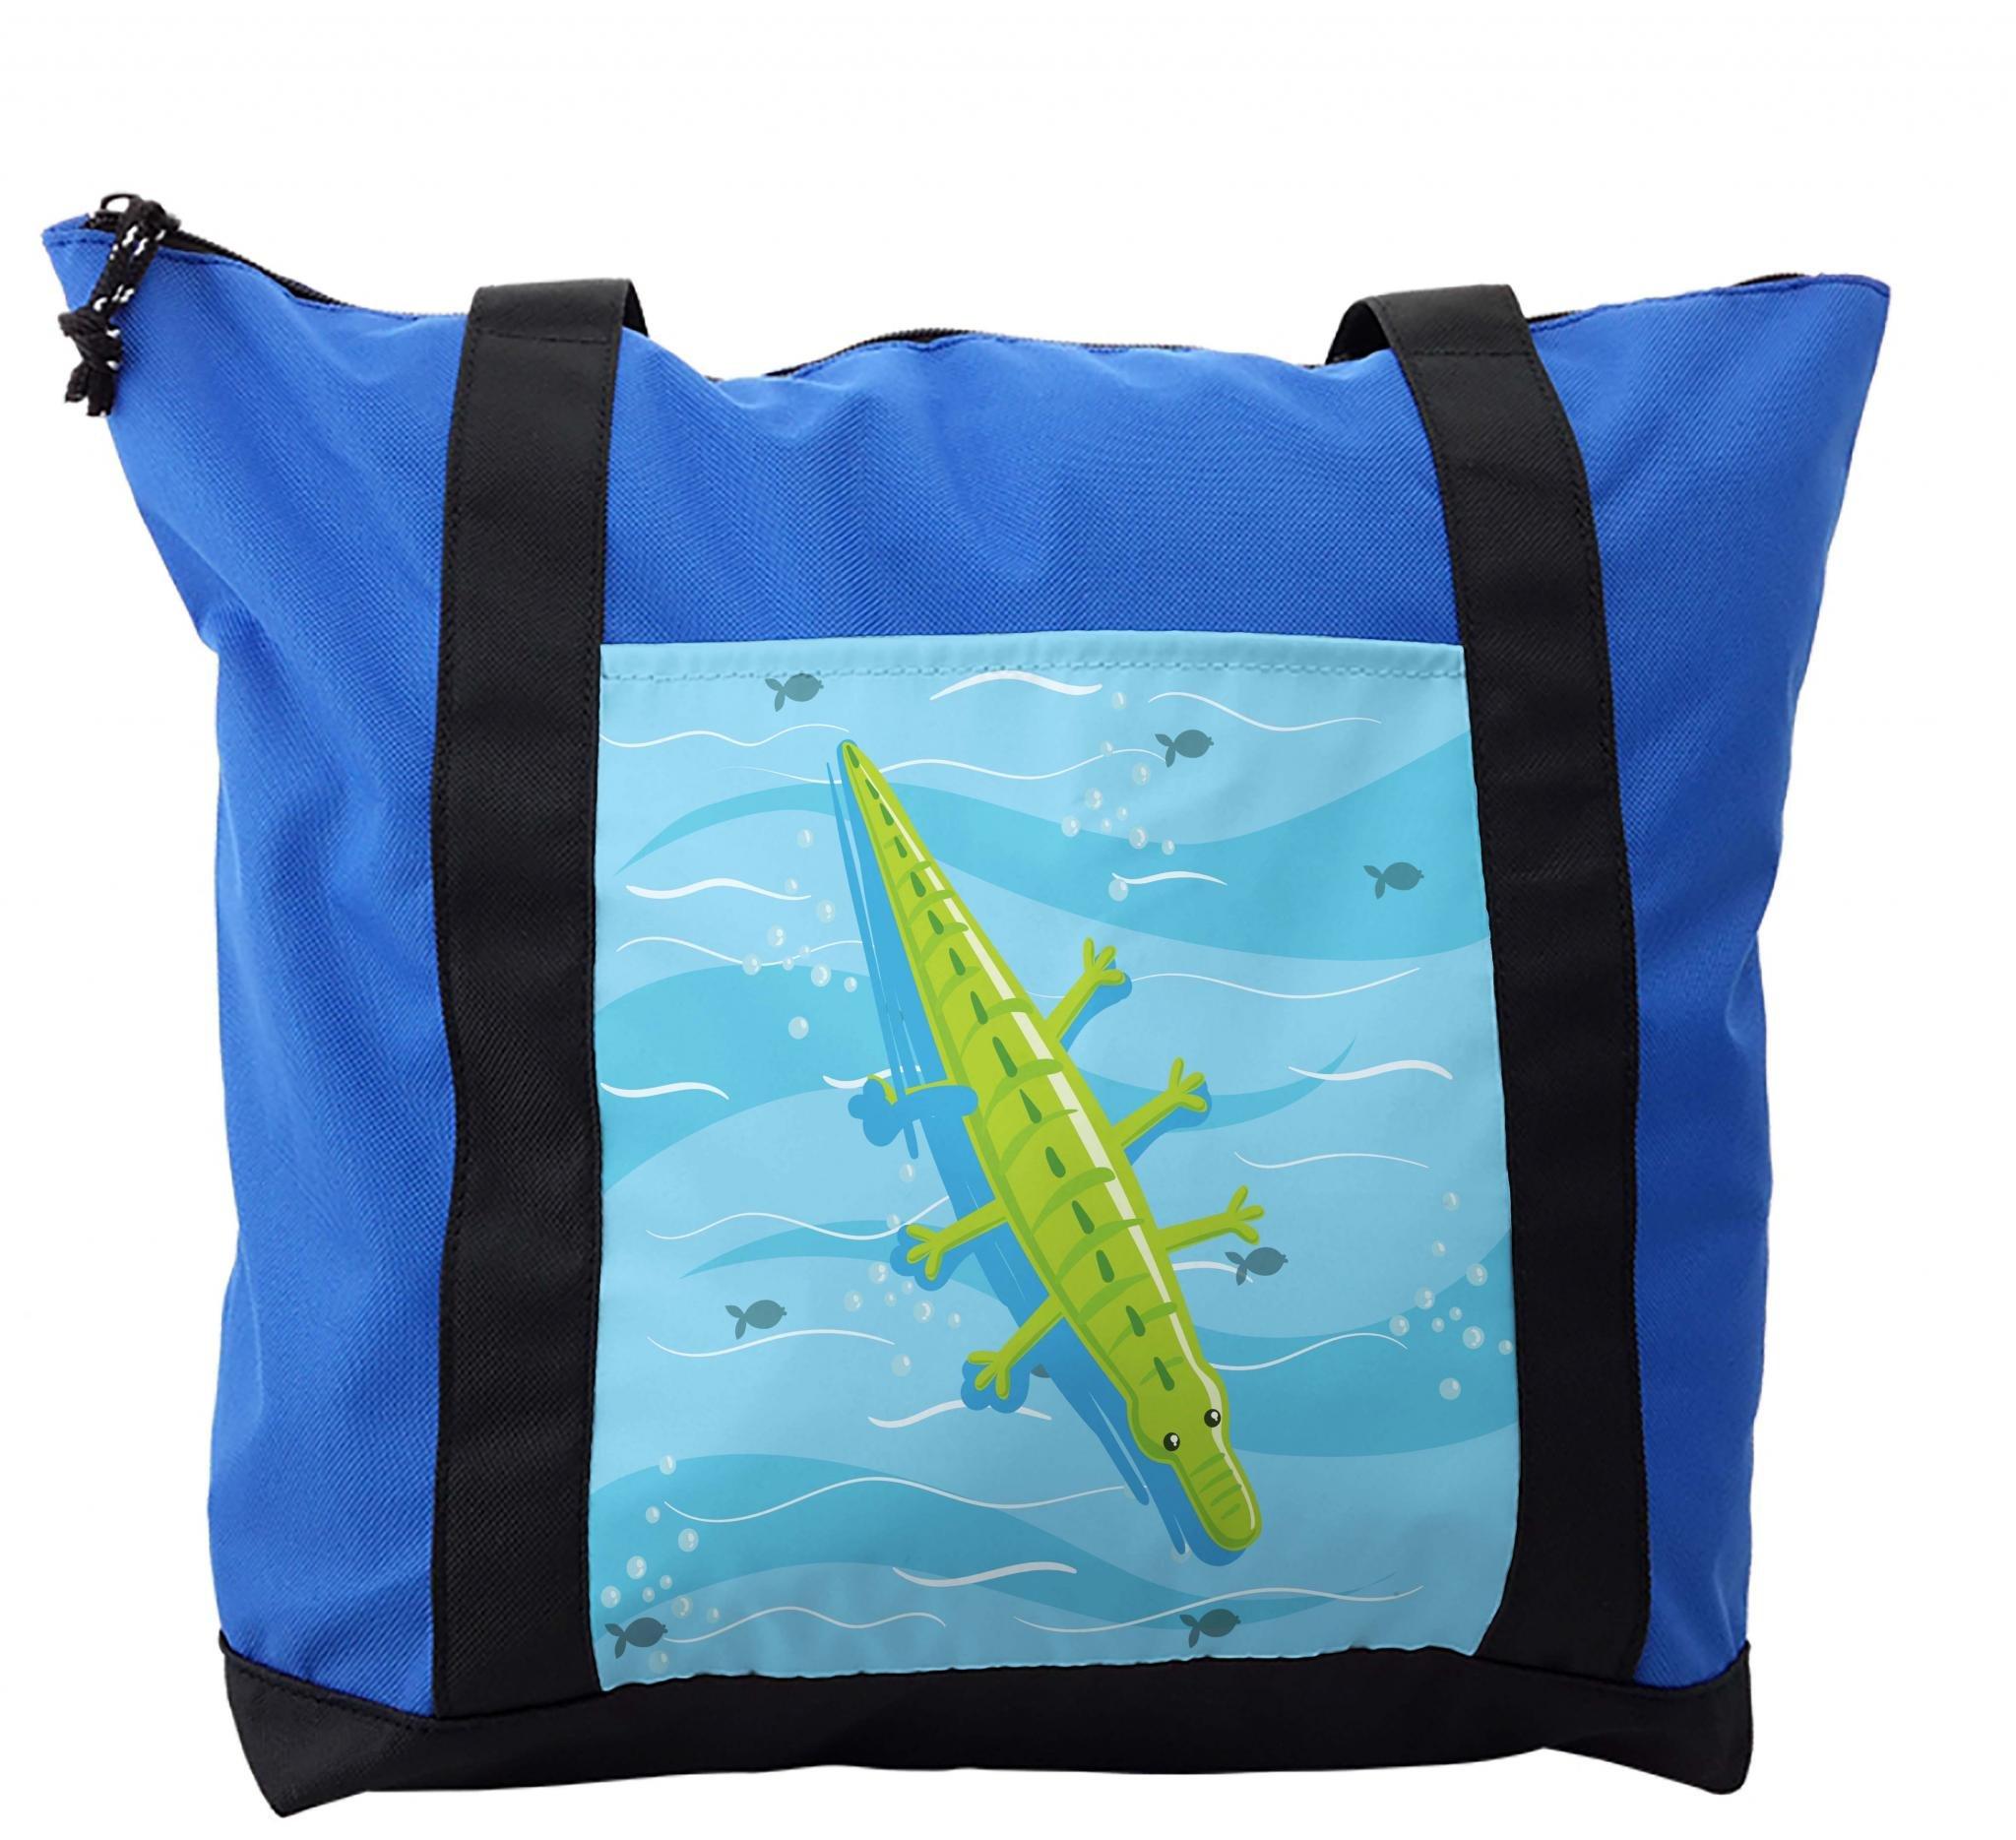 Lunarable Alligator Shoulder Bag, Kids Summer Toy Water, Durable with Zipper